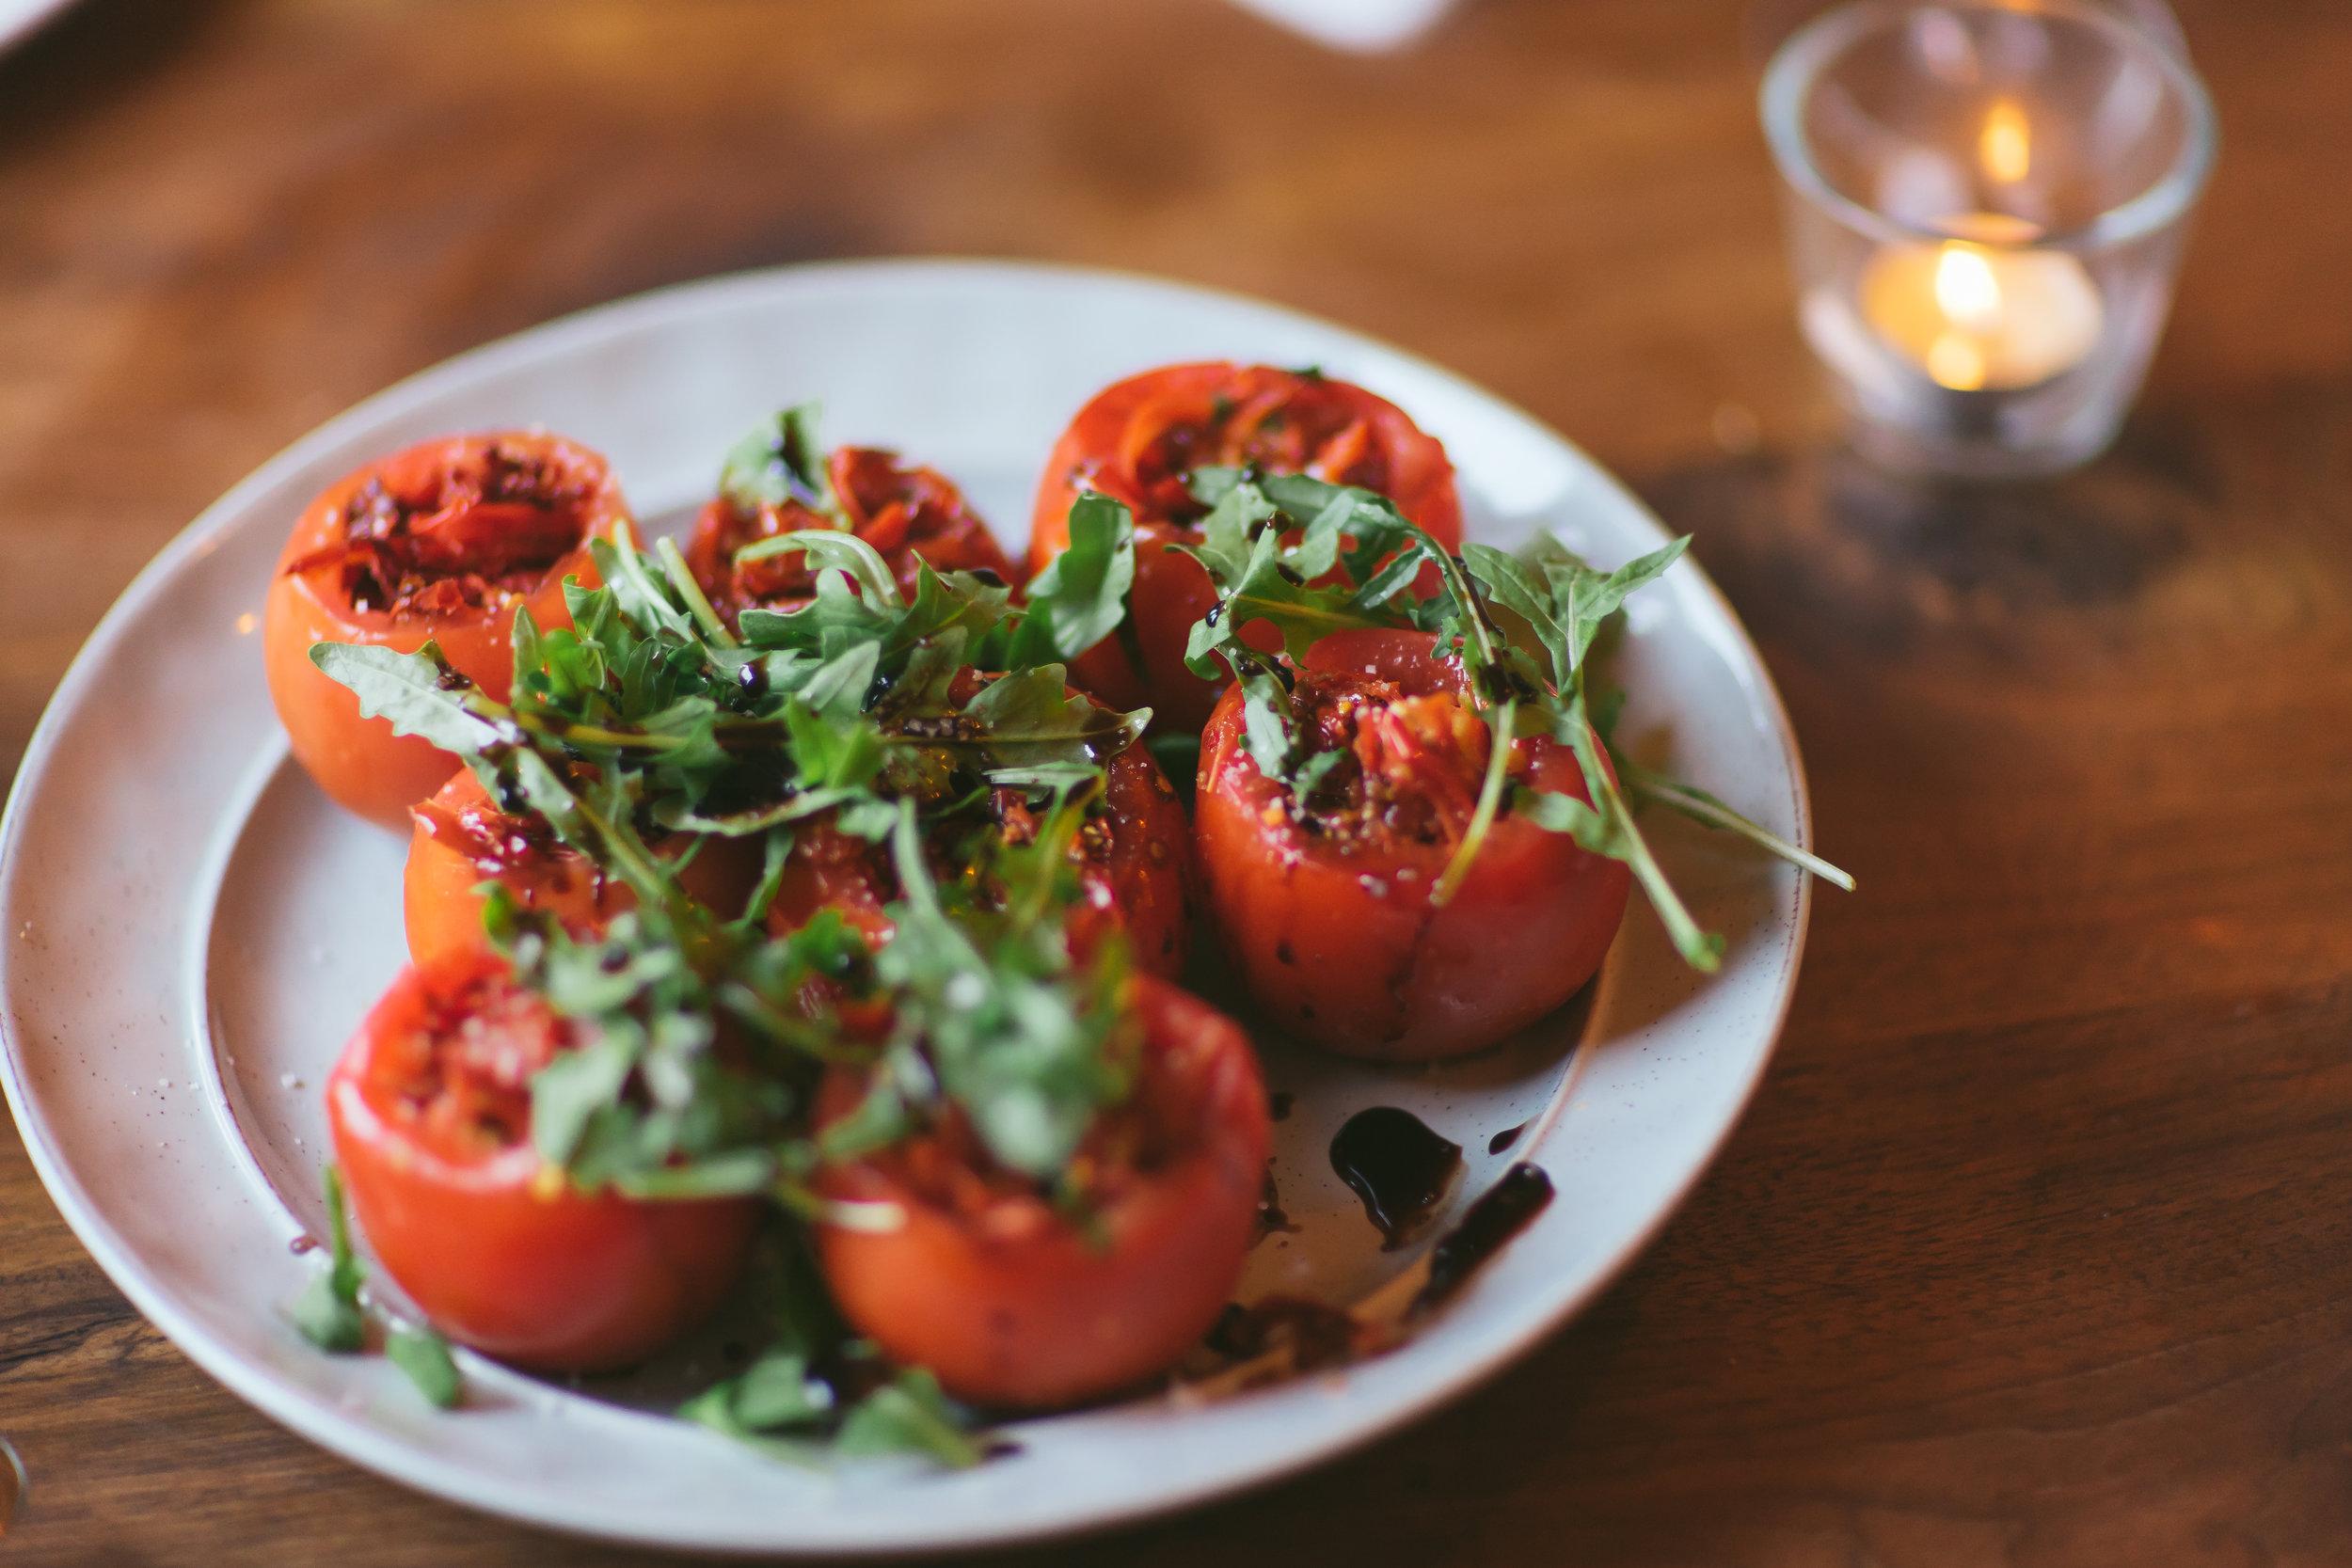 Tavernetta Calgary restaurant tomatoes